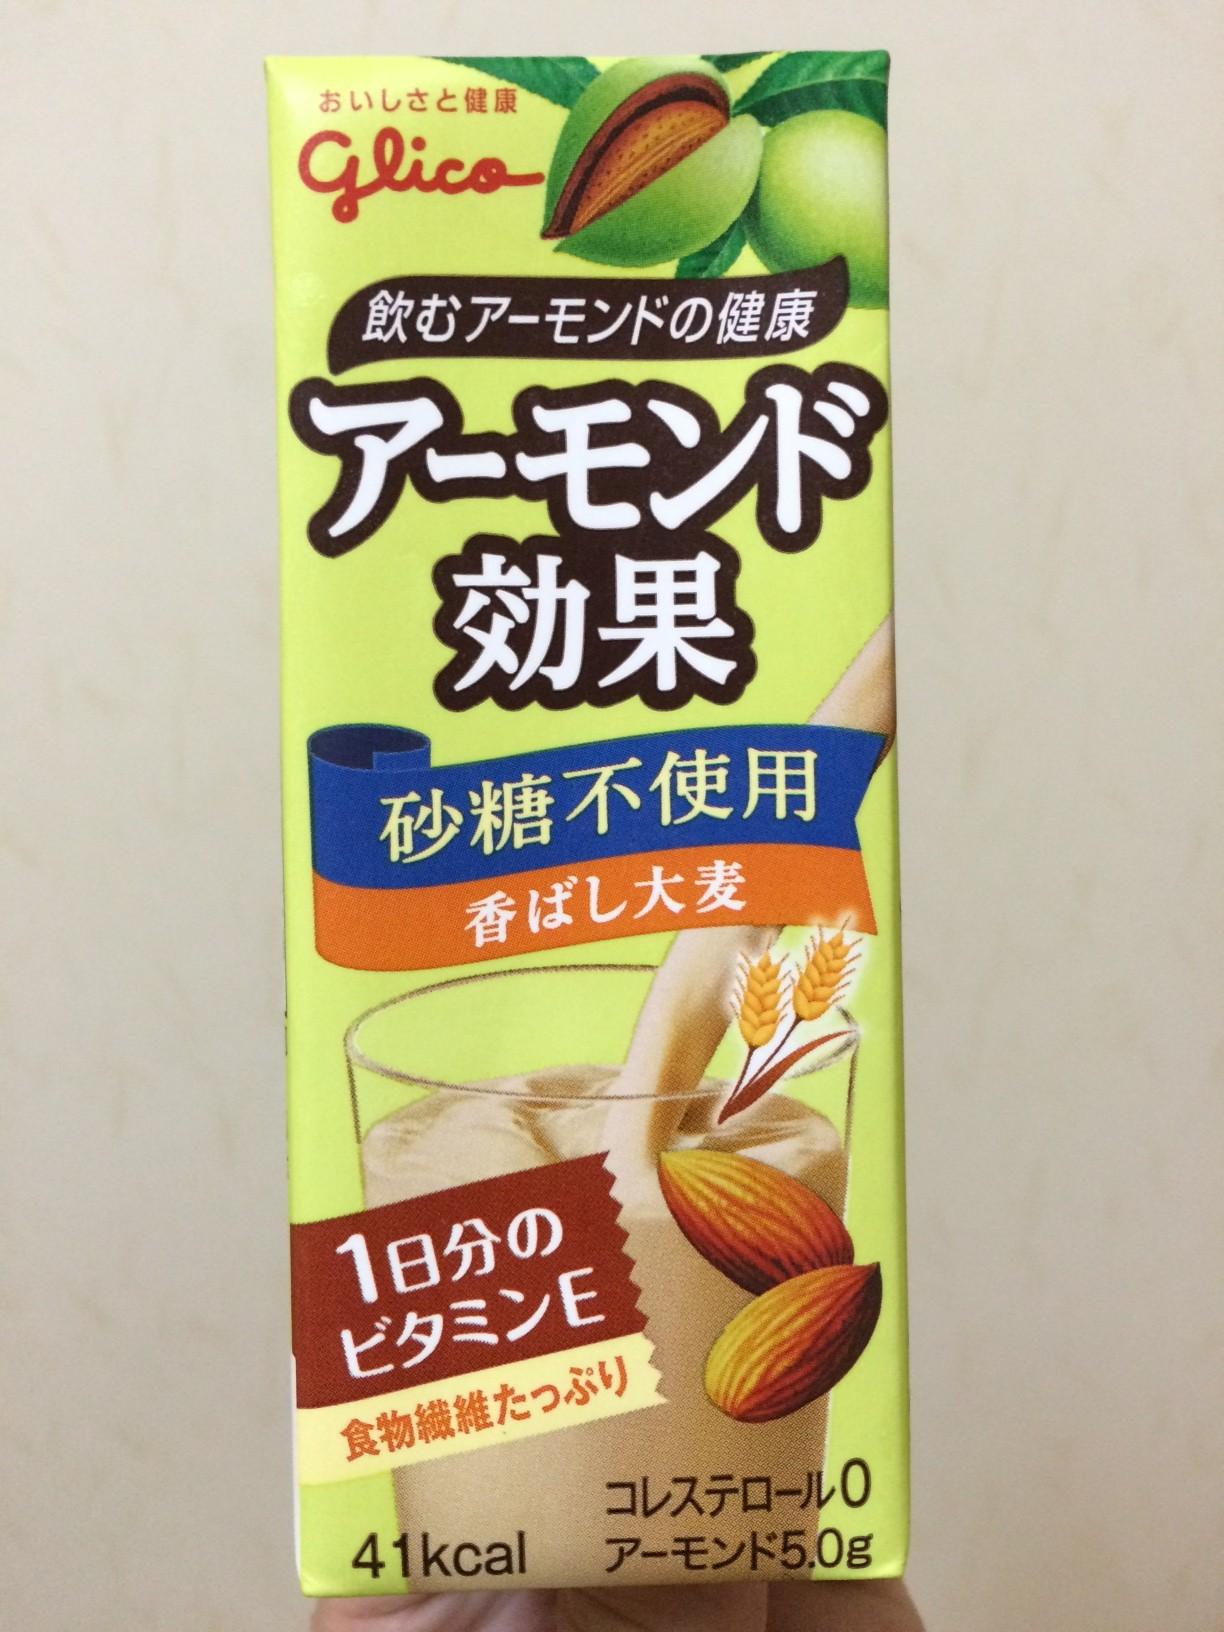 アーモンド効果香ばし大麦